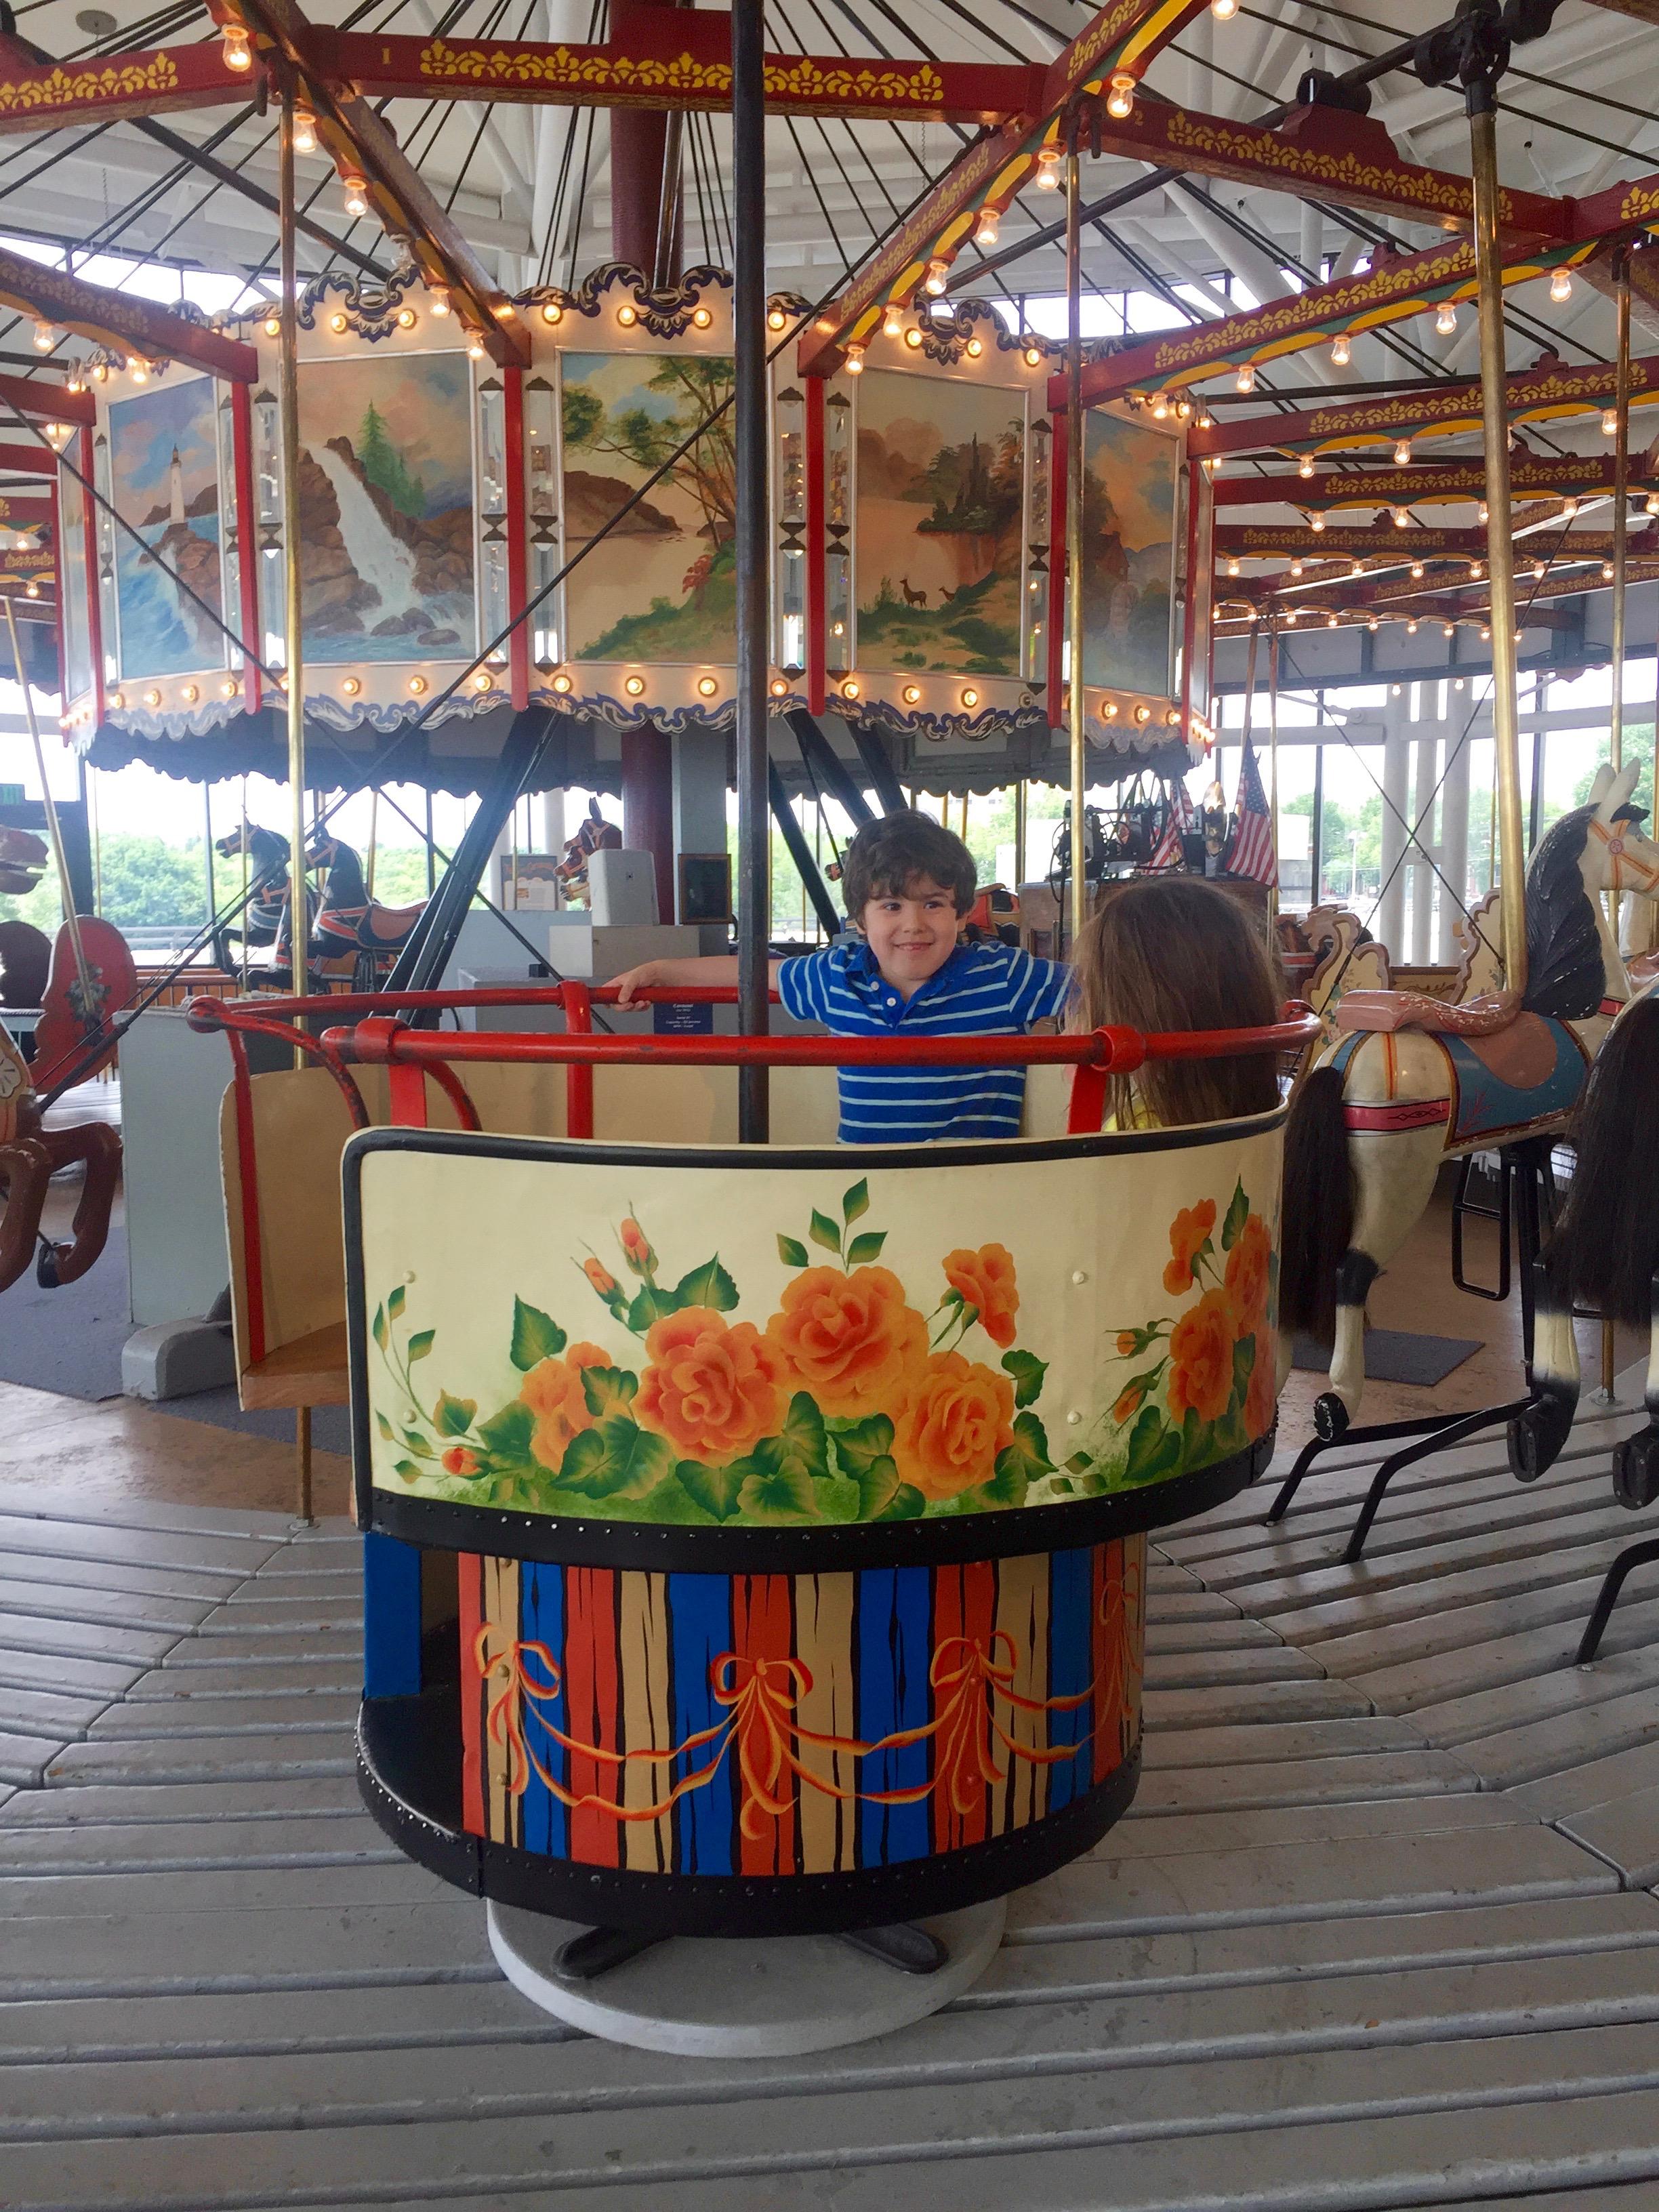 Teacup on vintage carousel